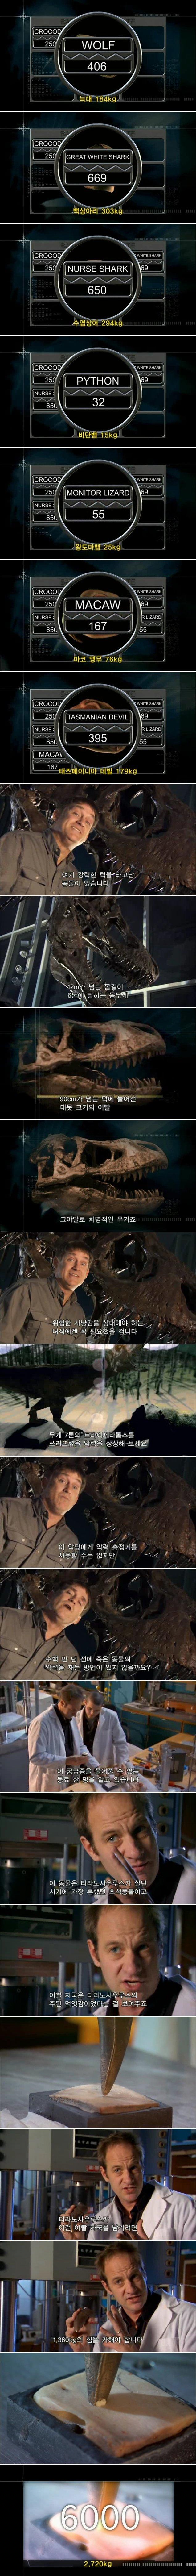 1.jpg 최강의 이빨을 가진 동물.jpgif